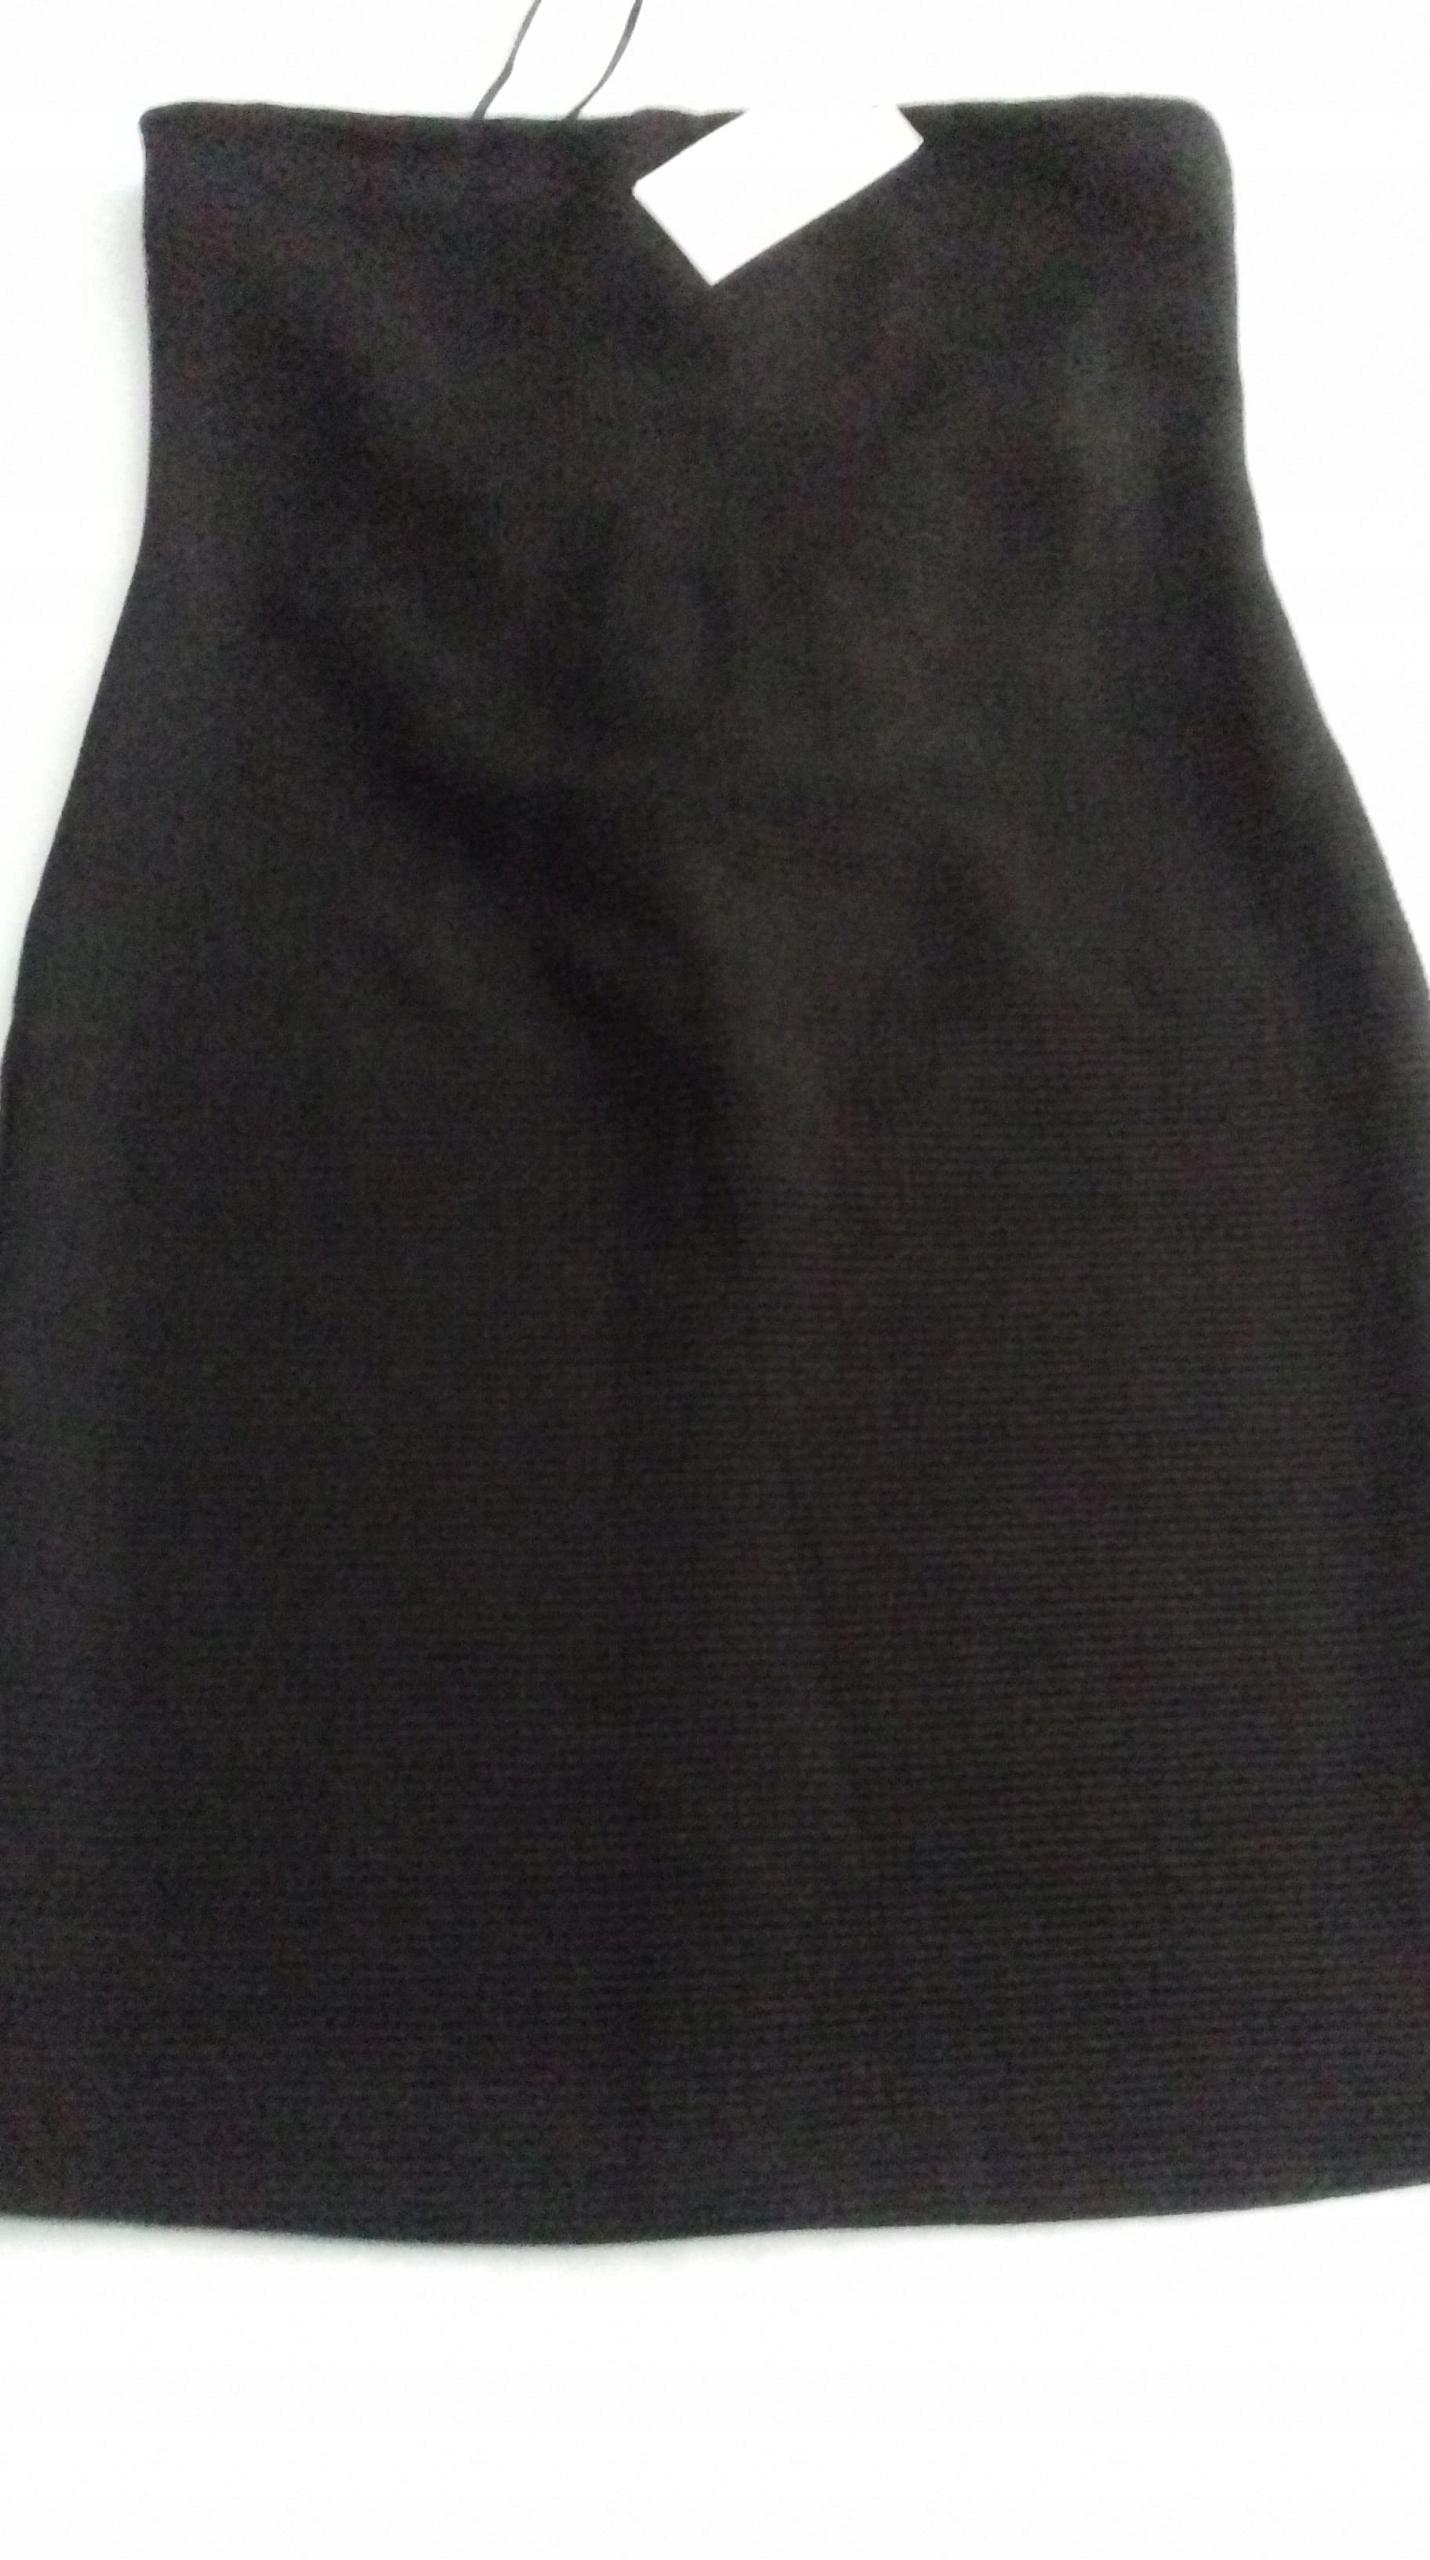 5ff74b61 sukienka tuba nowa Mango roz M - 7464050076 - oficjalne archiwum ...